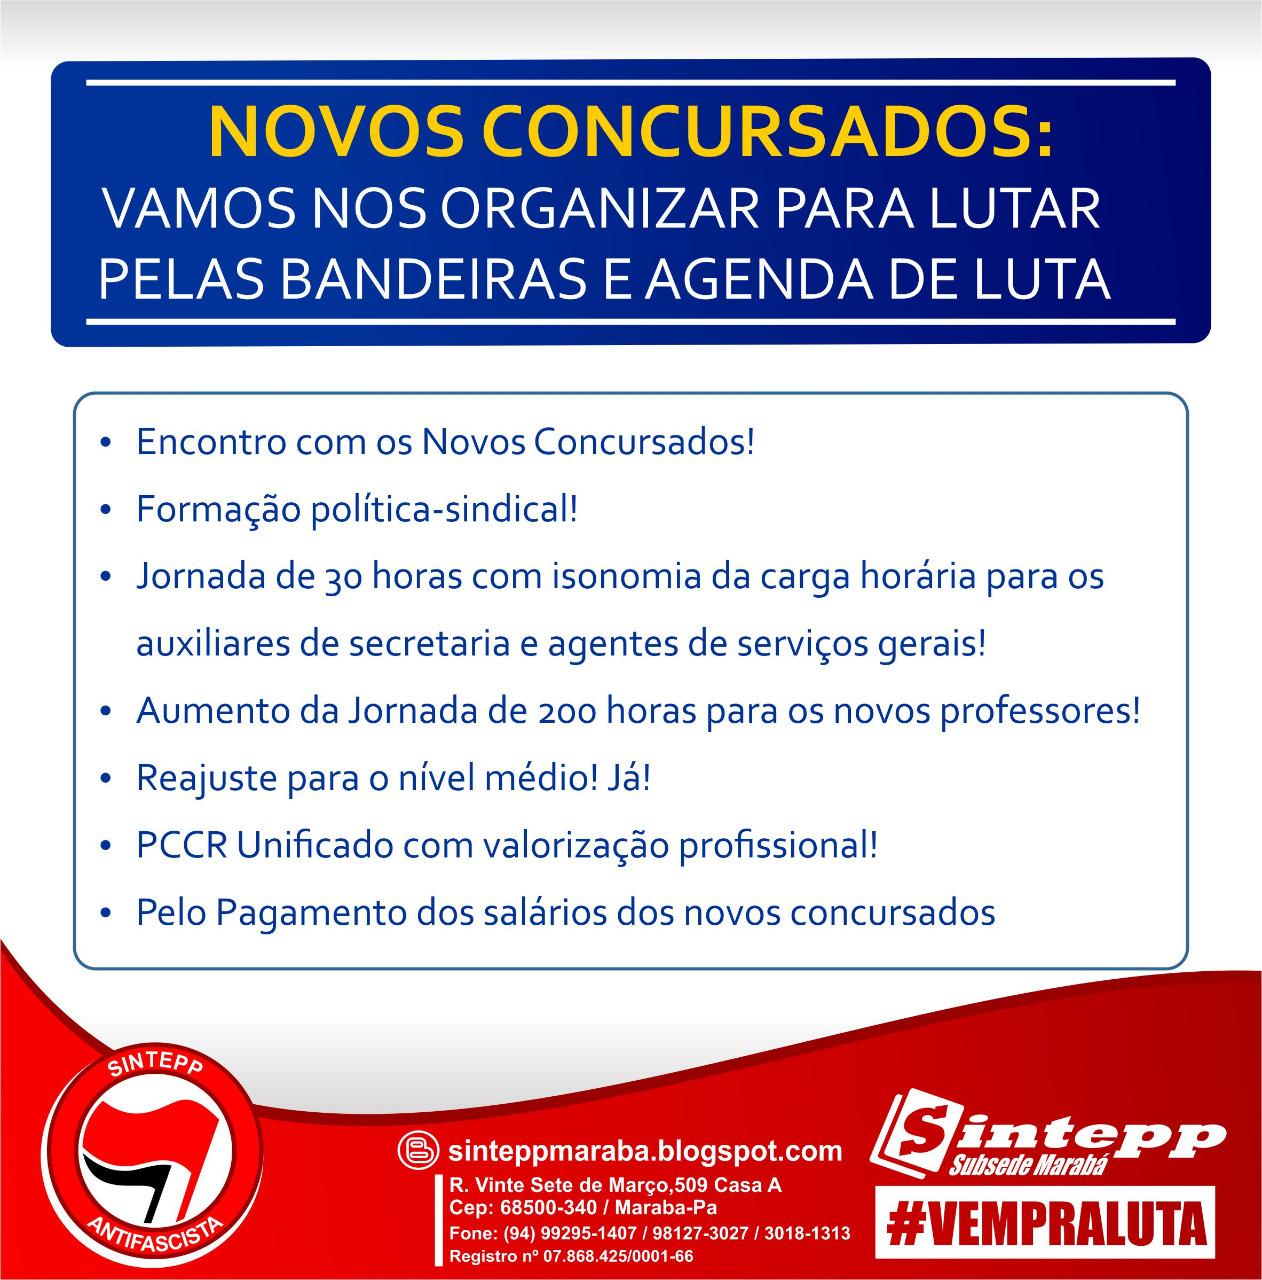 Novos concursados Marabá: É preciso se organizar para lutar pelos direitos